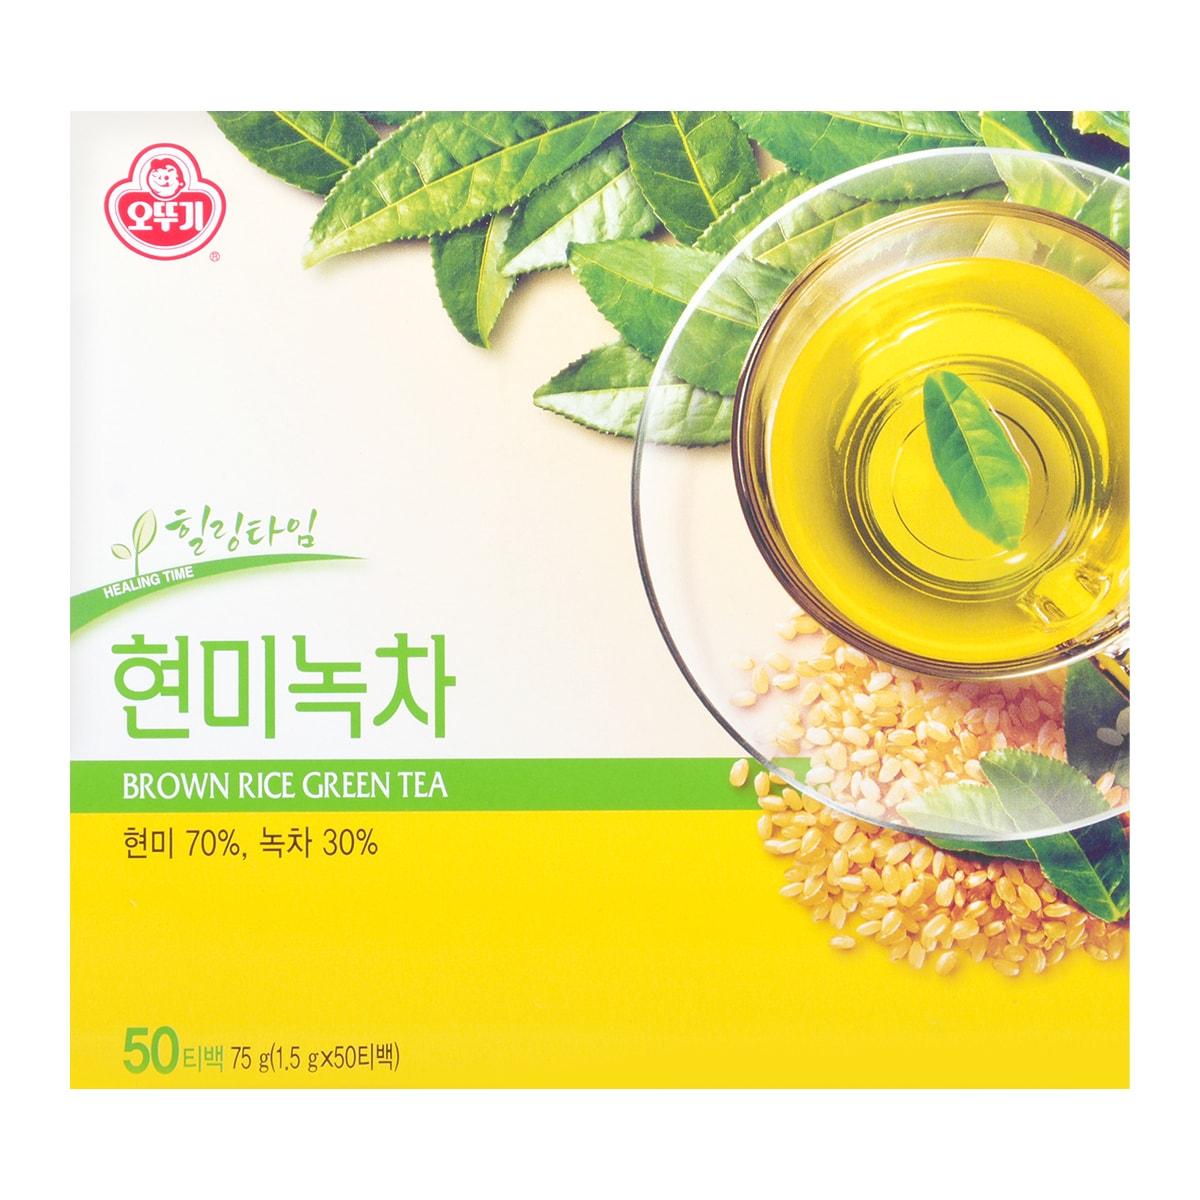 韩国OTTOGI不倒翁 糙米绿茶 1.5g*50包入